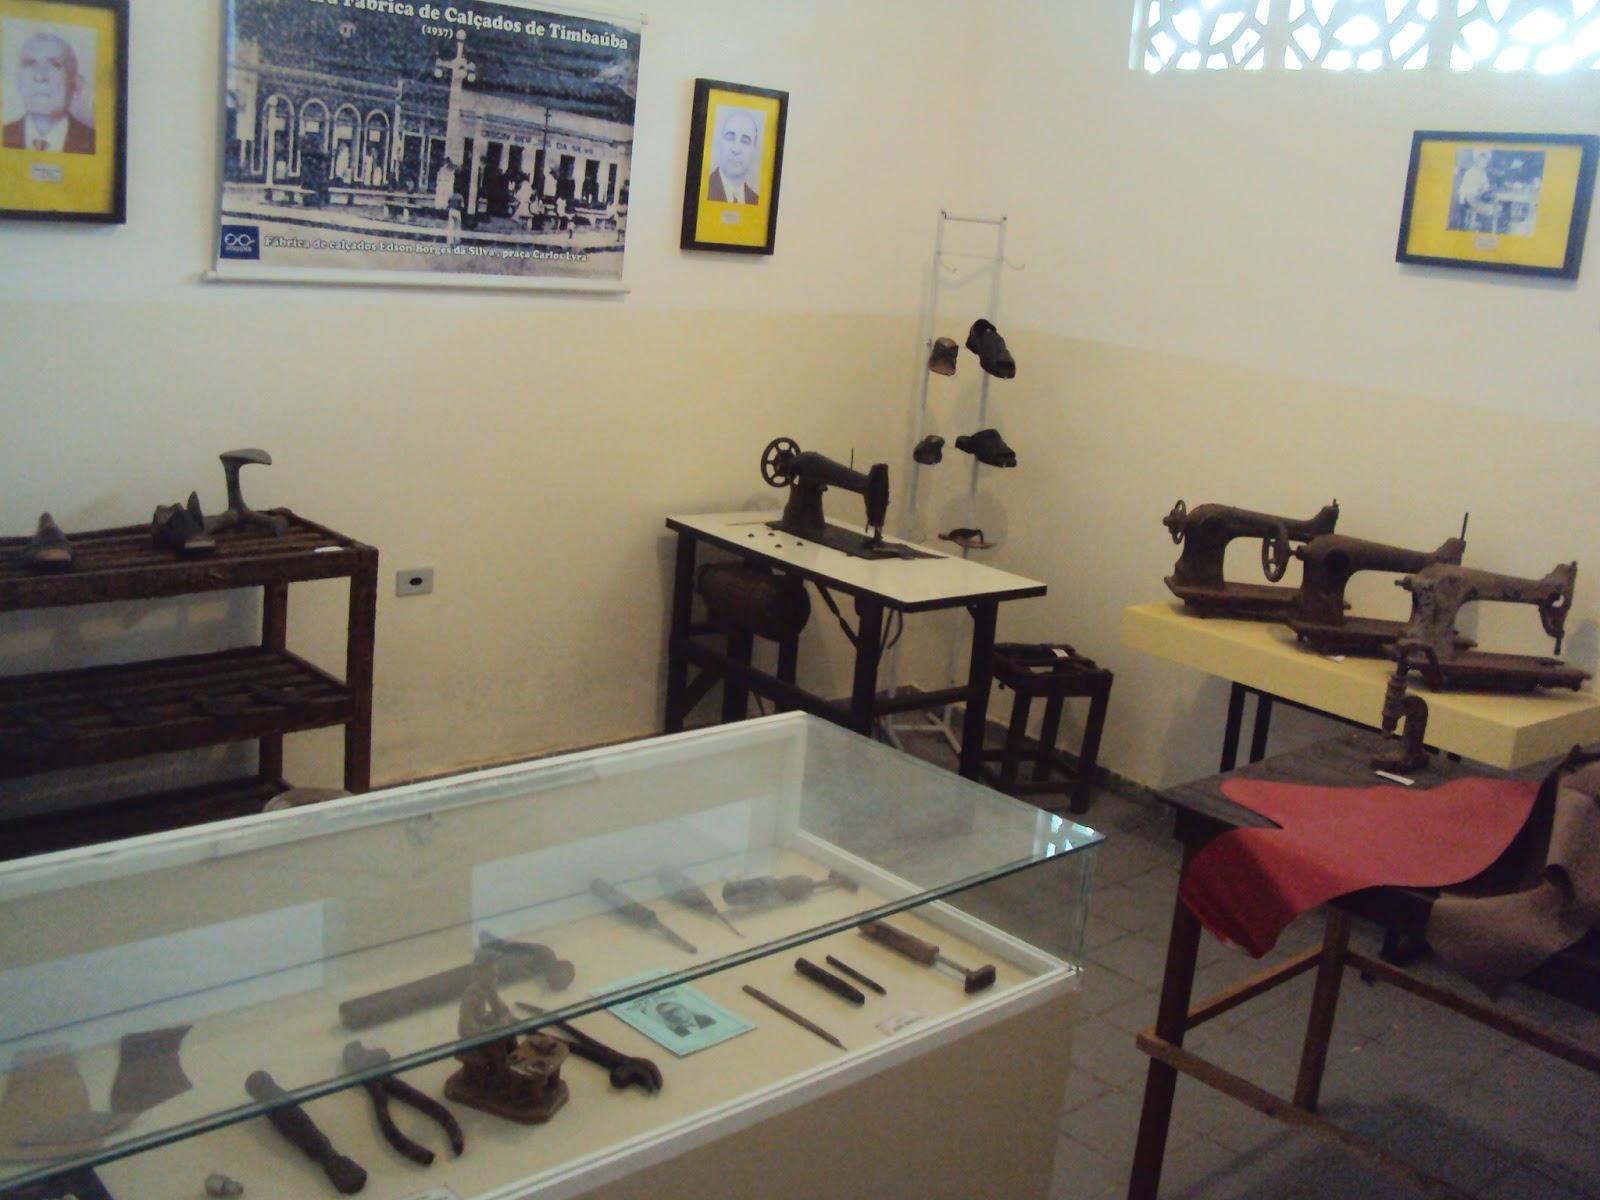 636bb9995 Algumas fábricas de calçados de Timbaúba que fecharam as portas: Incal,  Intec, Gleba, Jeanne, Criança, Leiva, Supra.